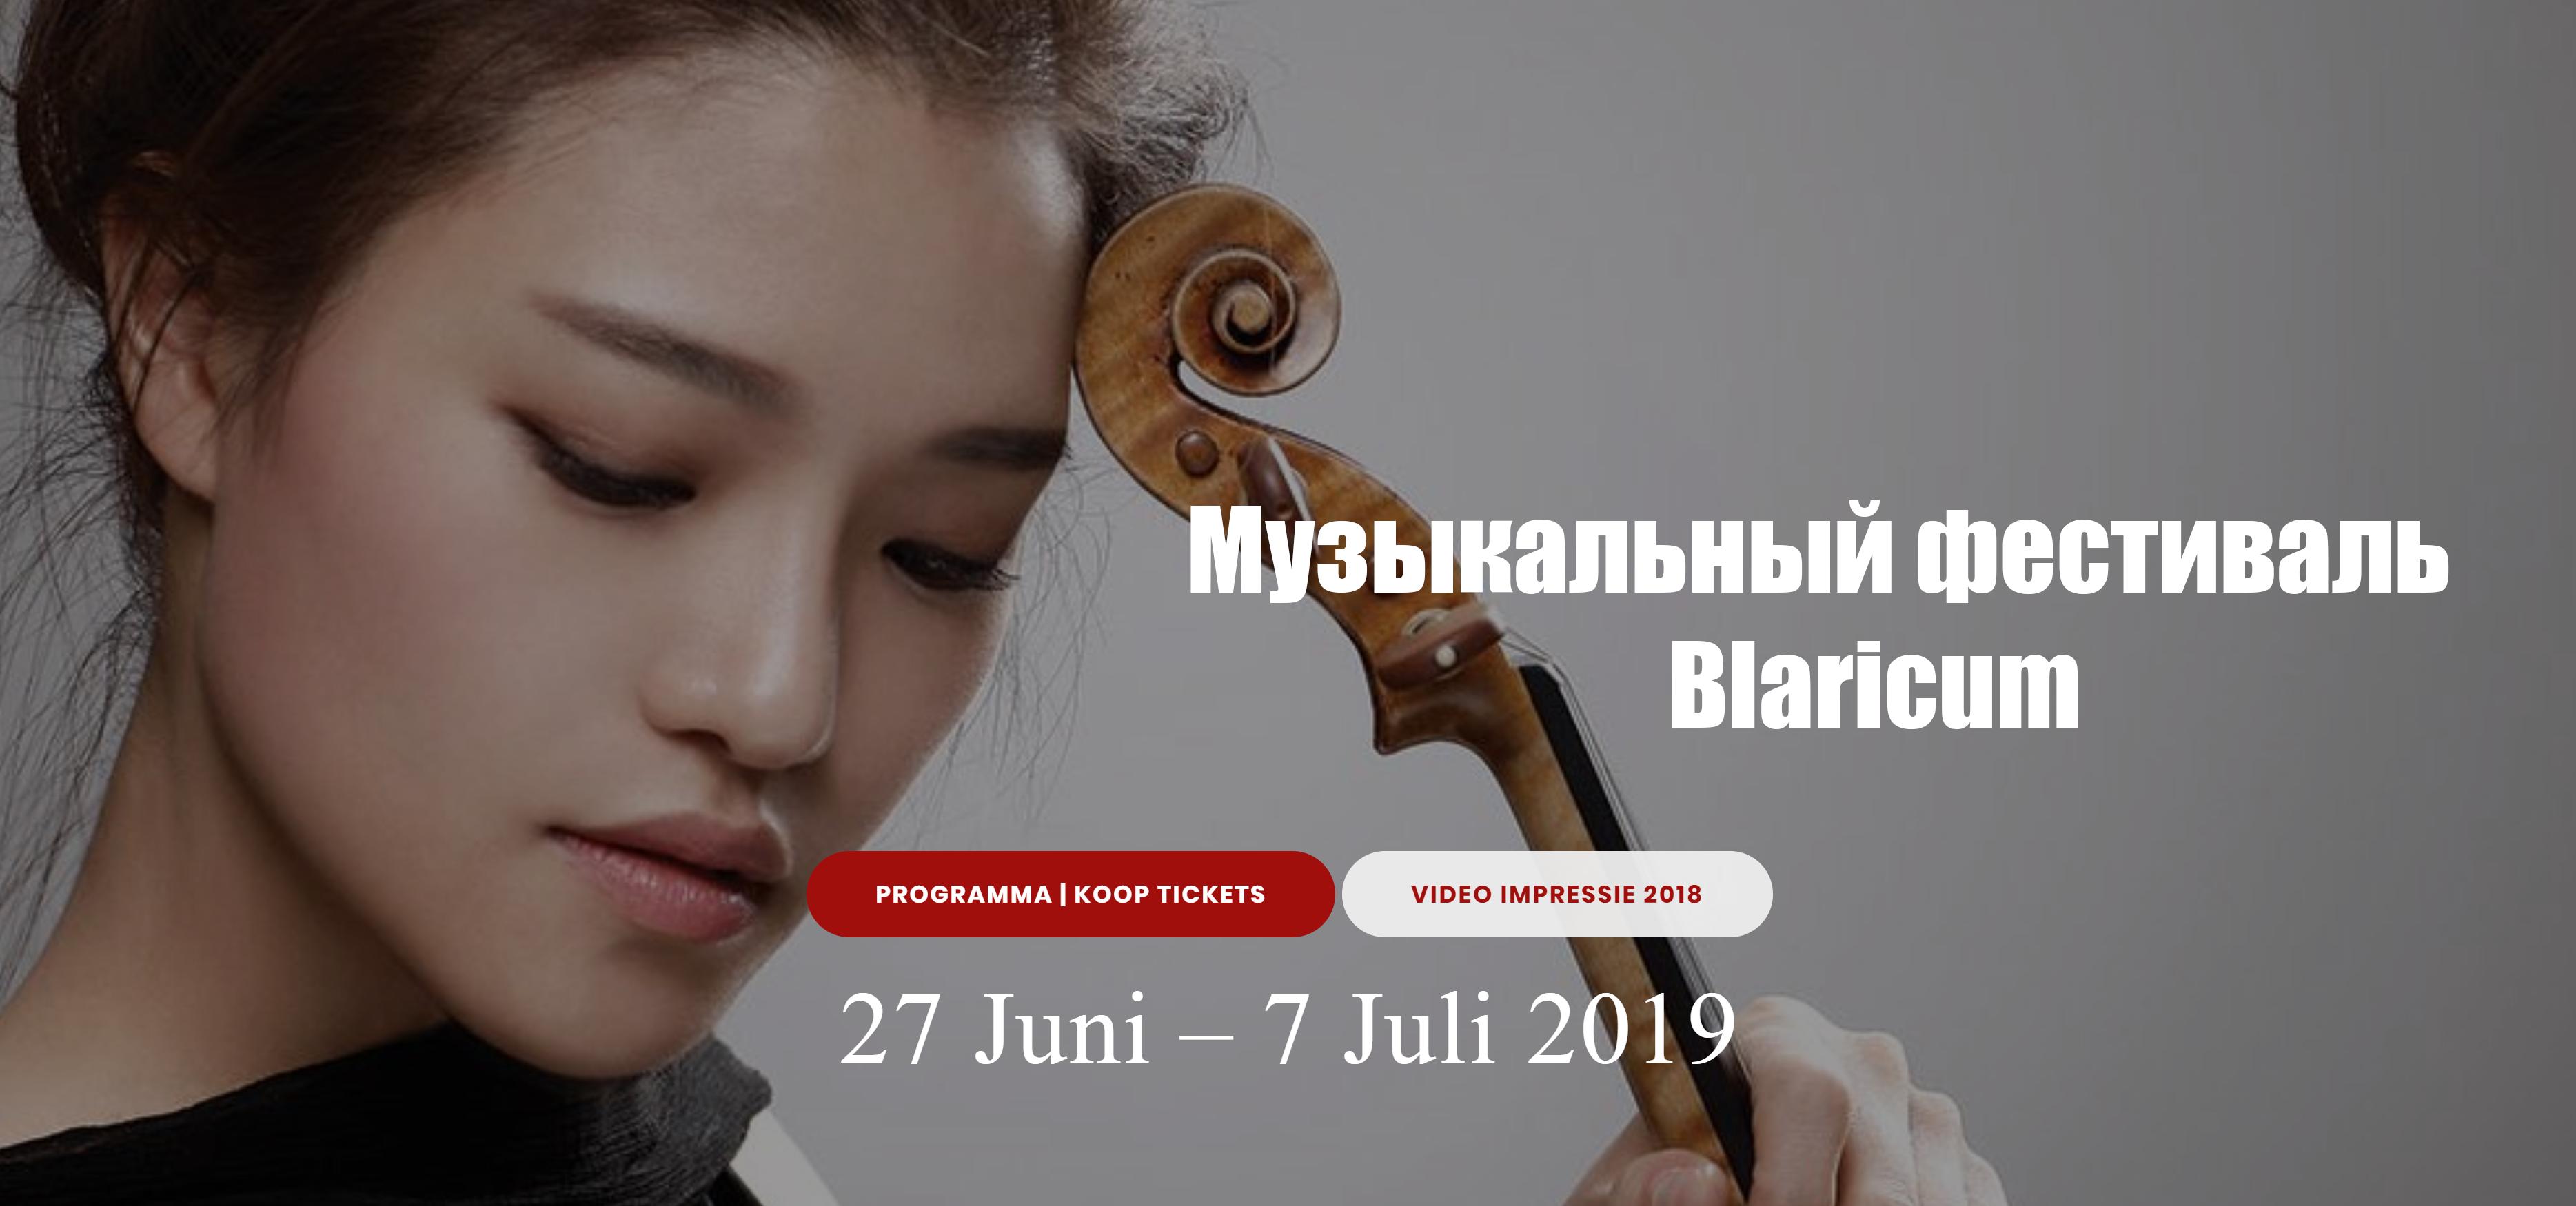 Музыкальный фестиваль Blaricum 27 июня — 7 июля 2019